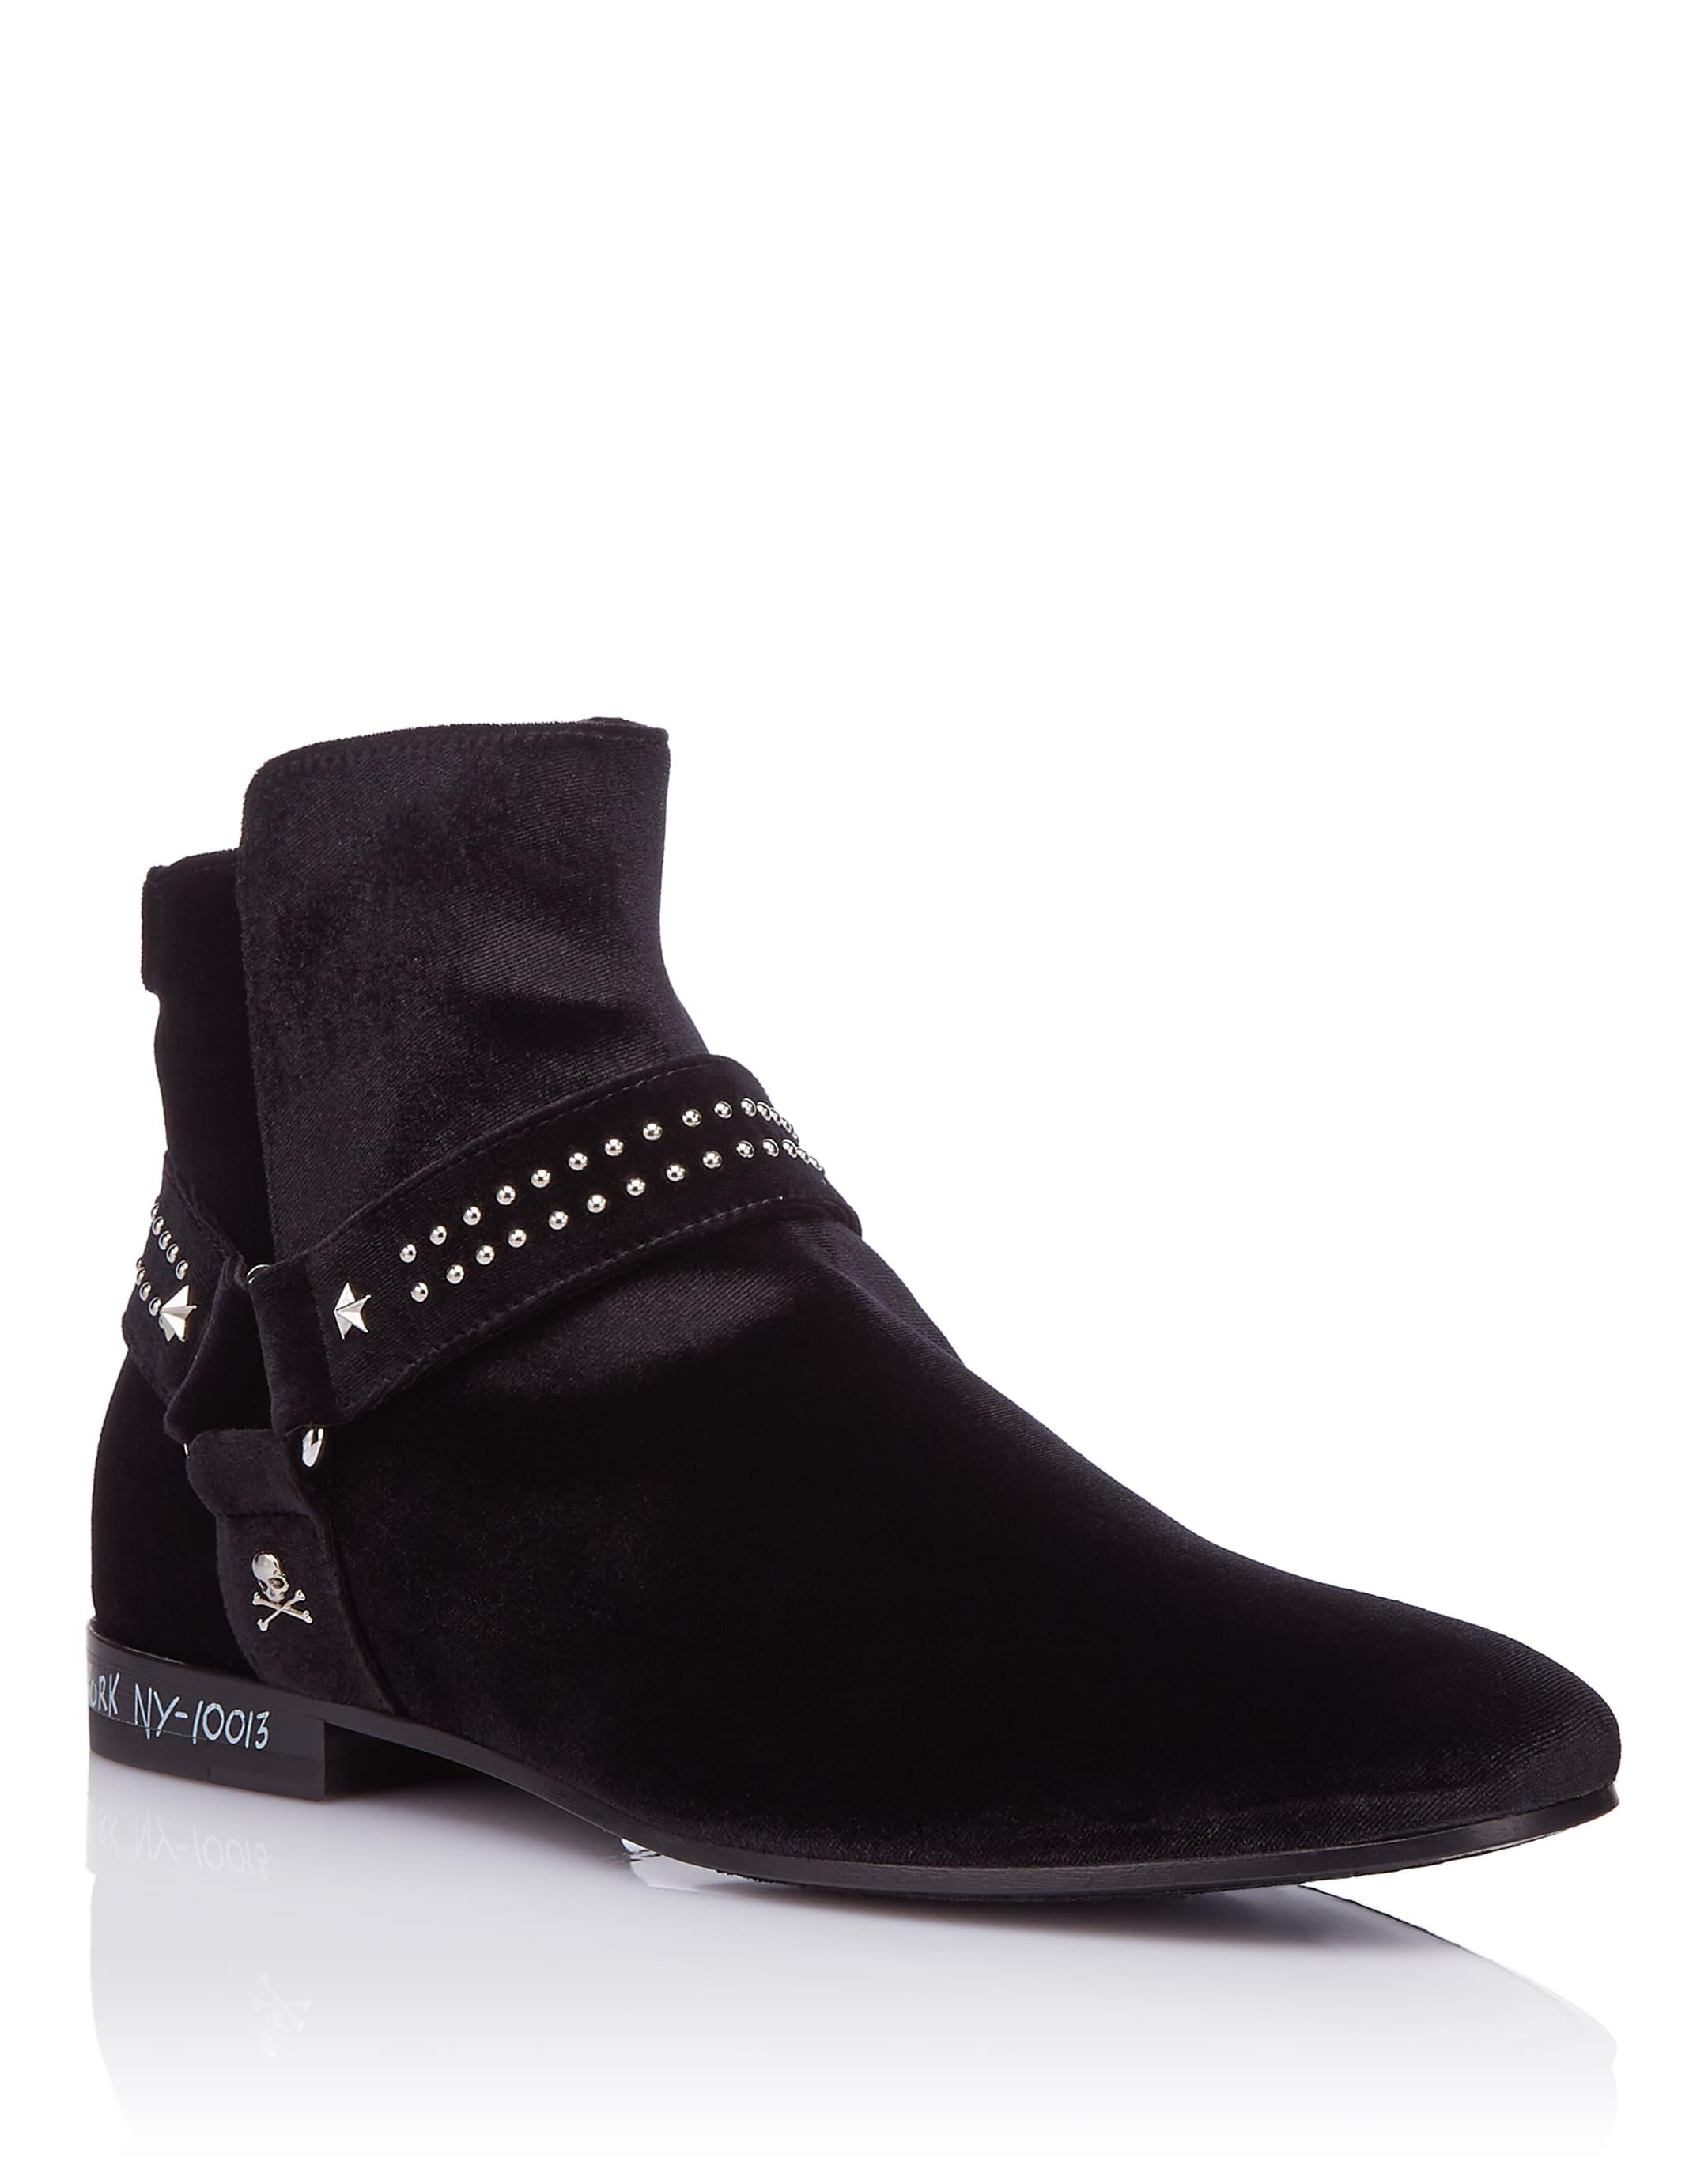 Philipp Plein Boots Low Flat MM rWoFXq7lLf